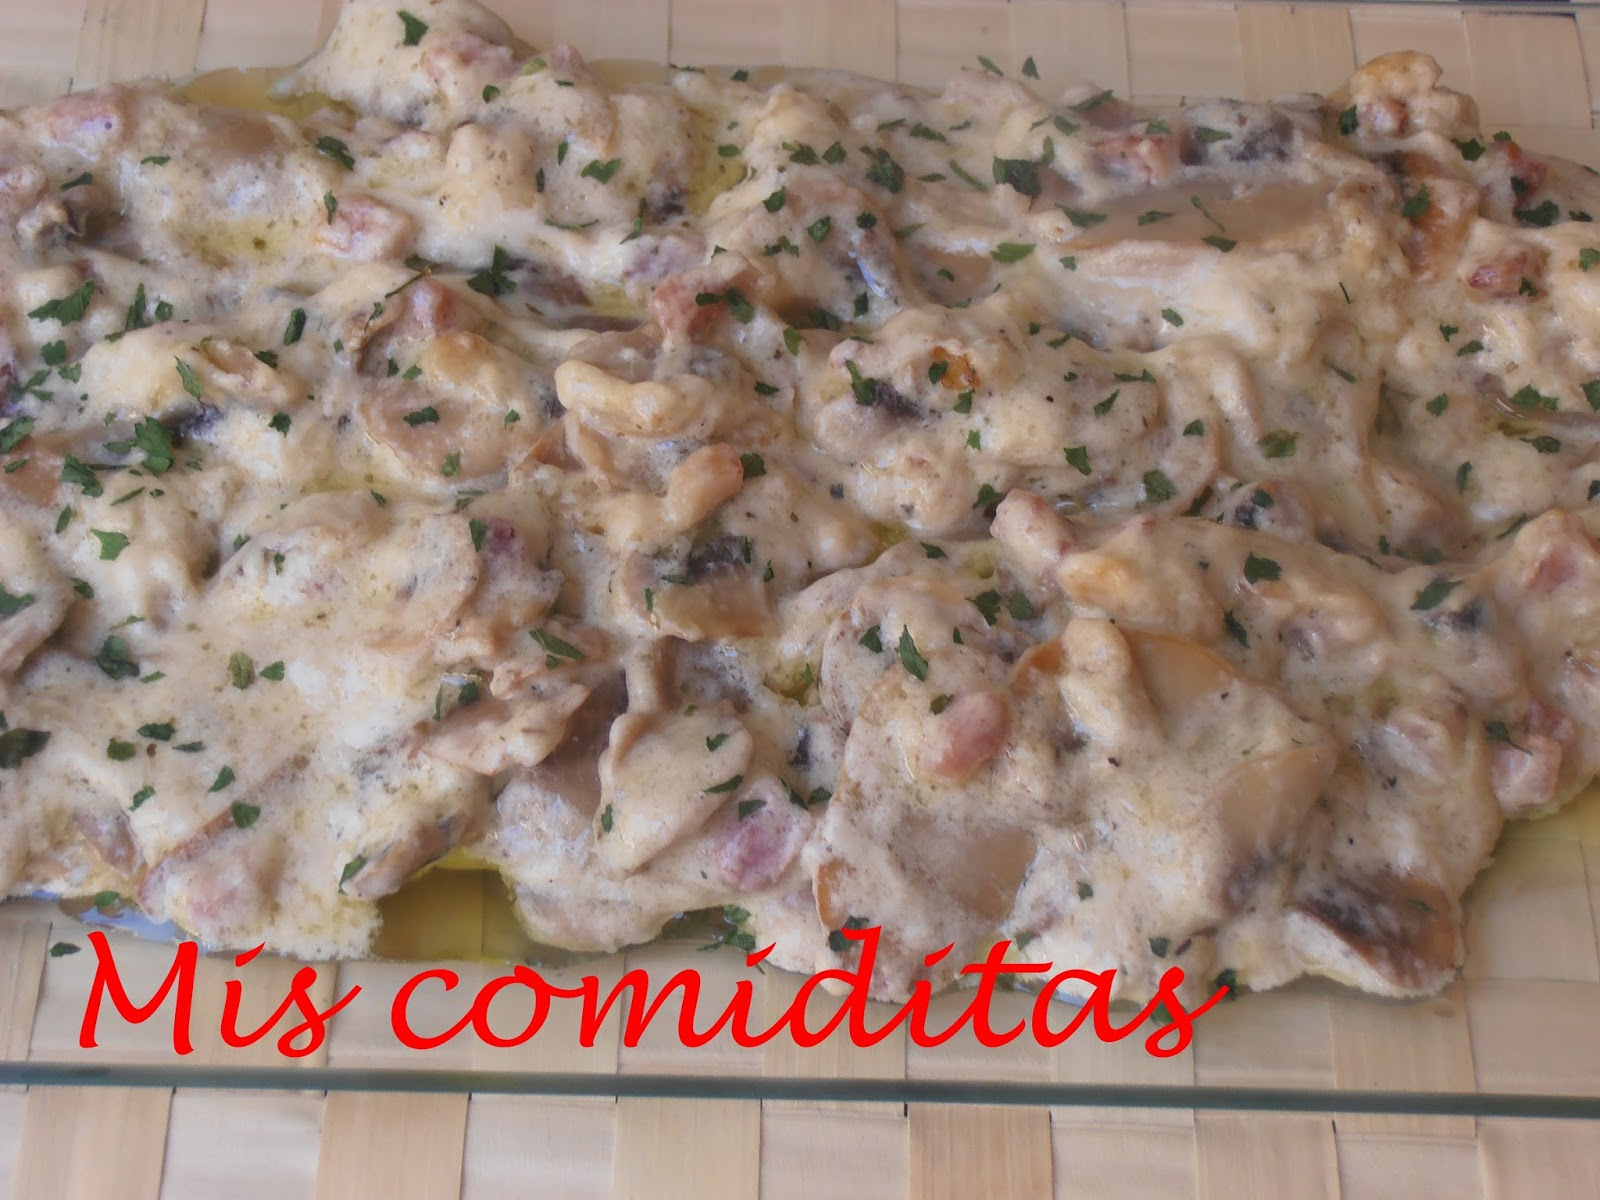 Mis comiditas champi ones y bacon en salsa de queso y nata - Salsa de tomate y nata ...